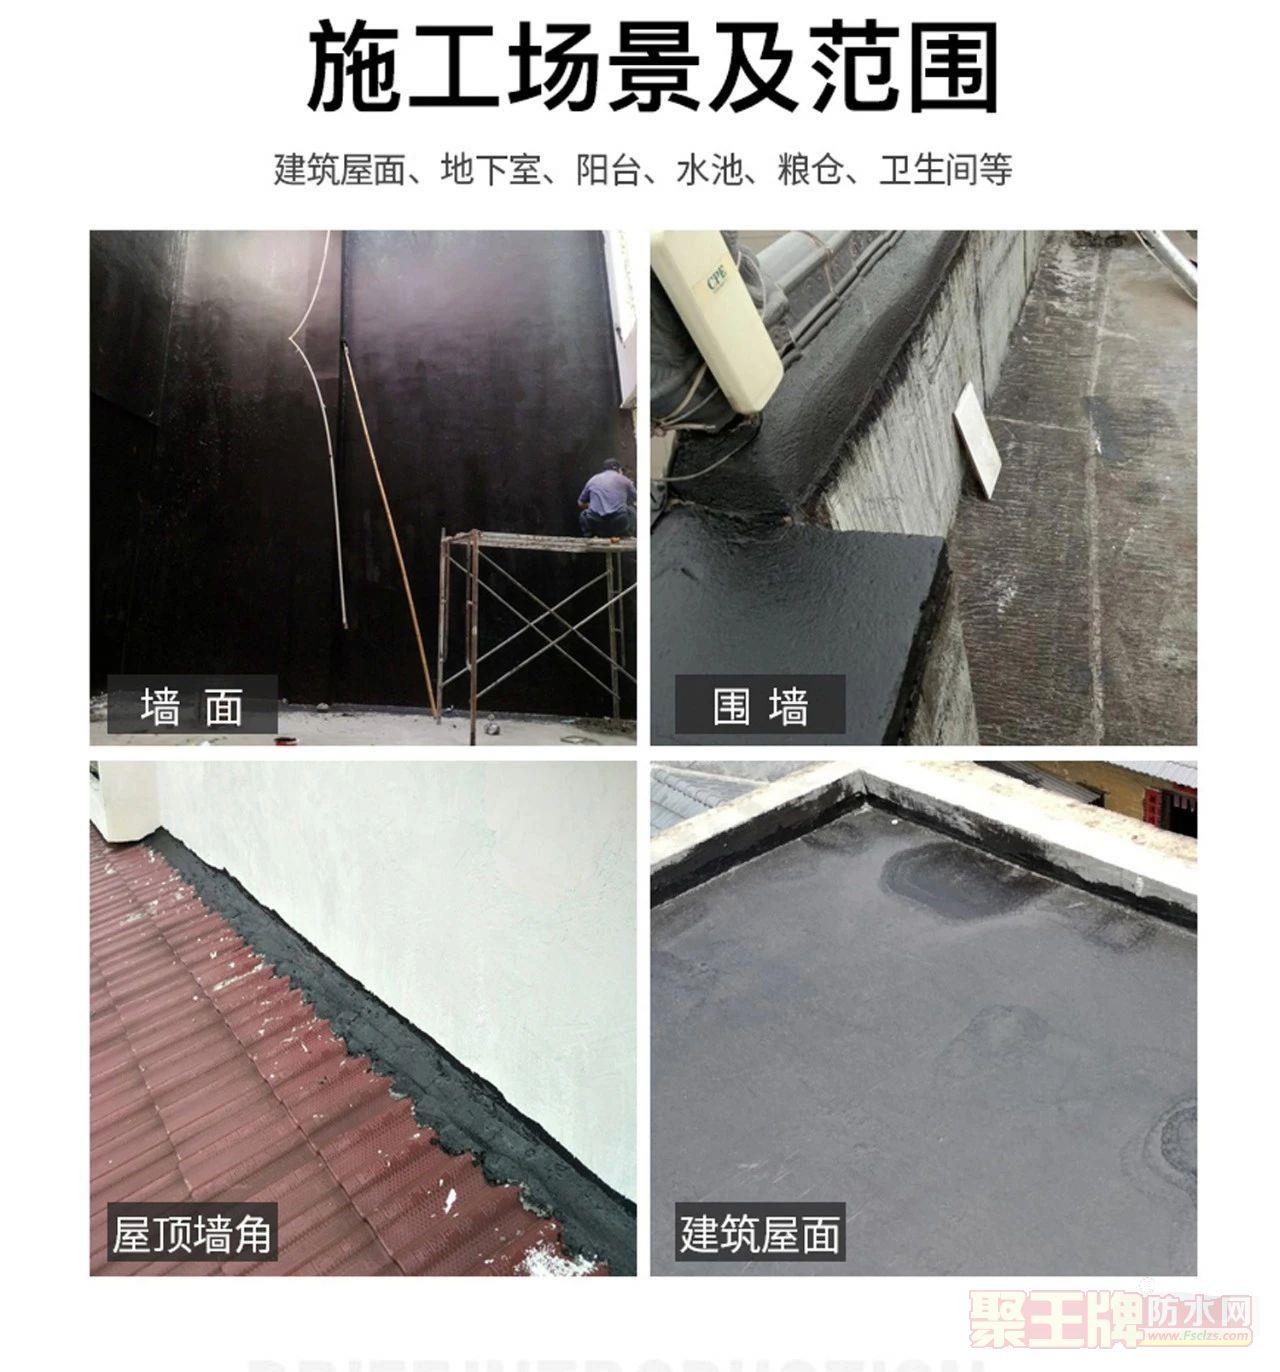 屋面防水用新型液体卷材,液体卷材相比传统卷材具有哪些优势